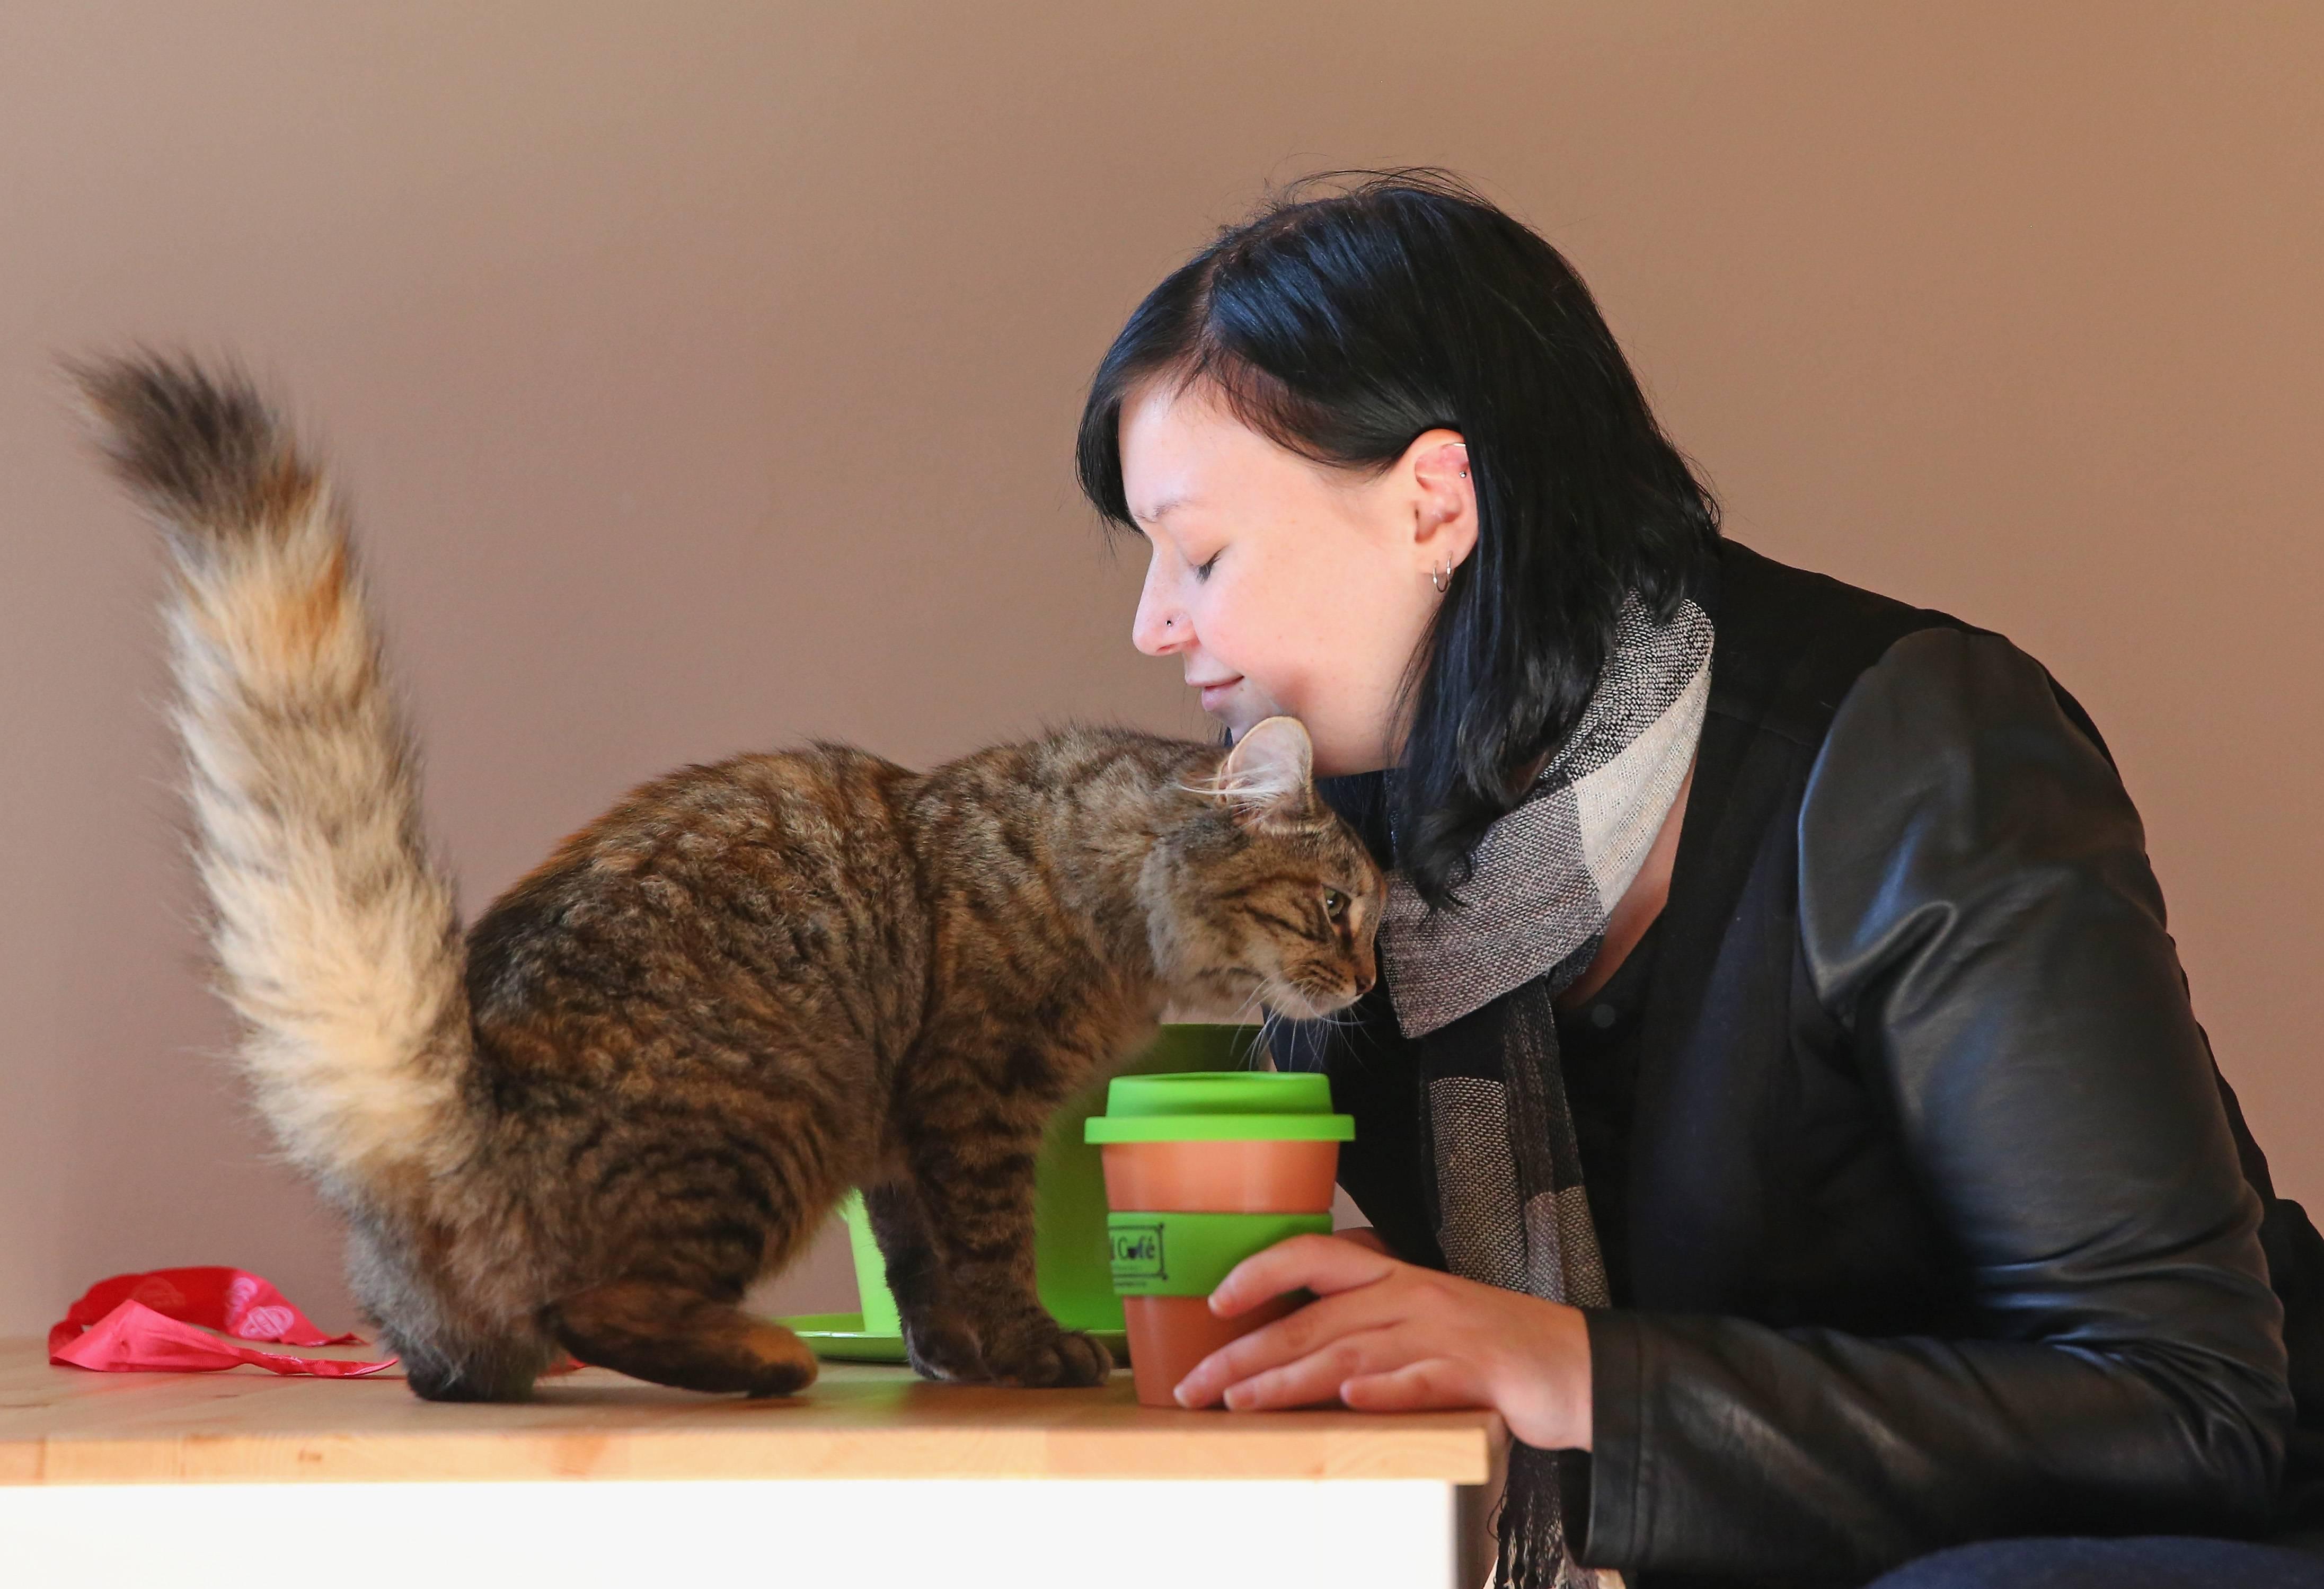 Los gatos y las personas tienen una relación complicada.